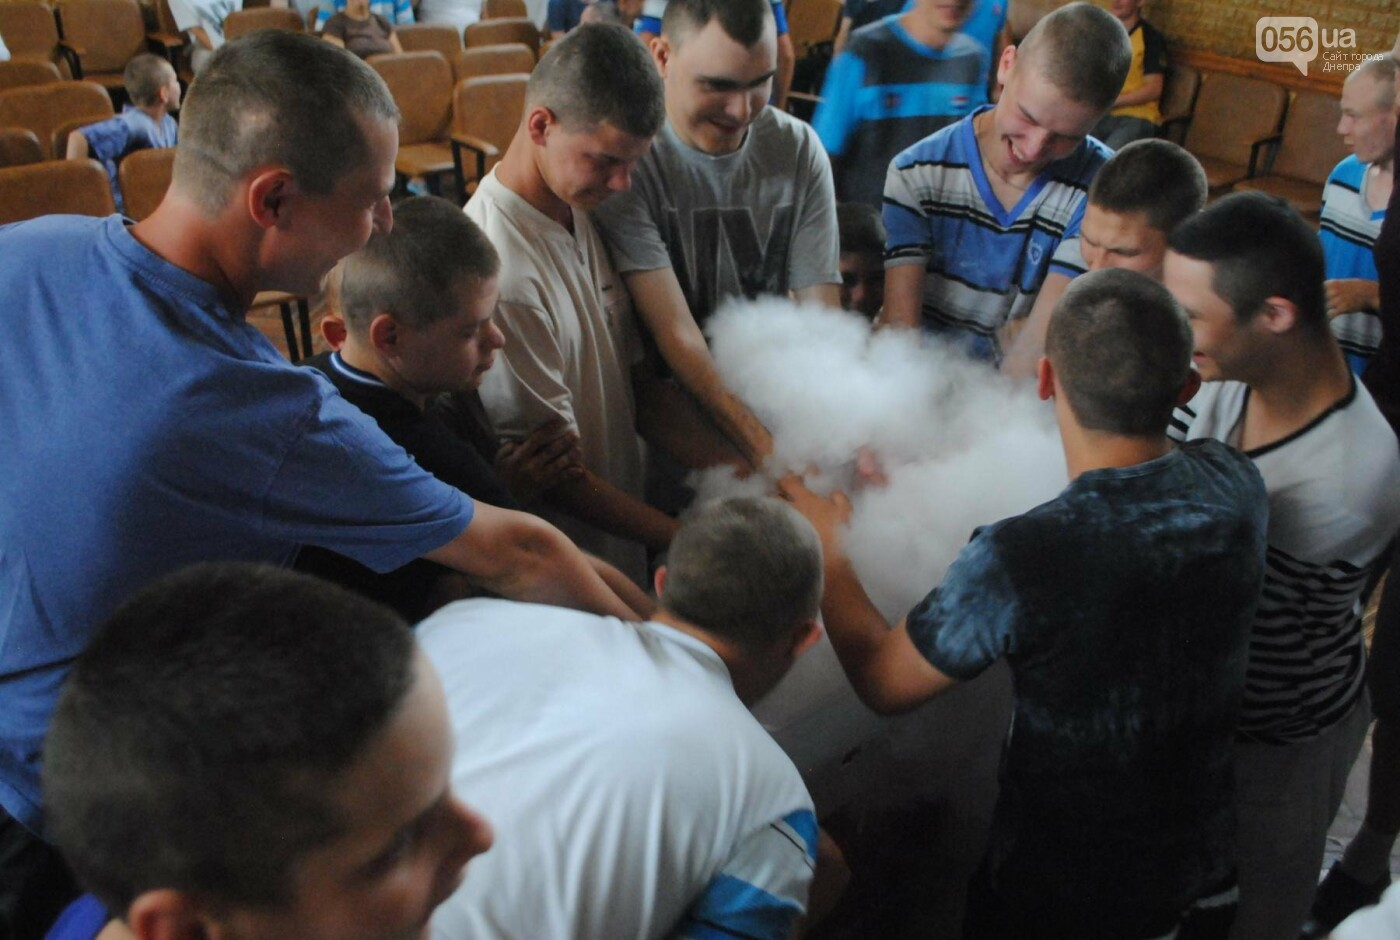 Фонд Александра Петровского поздравил воспитанников интерната, фото-12